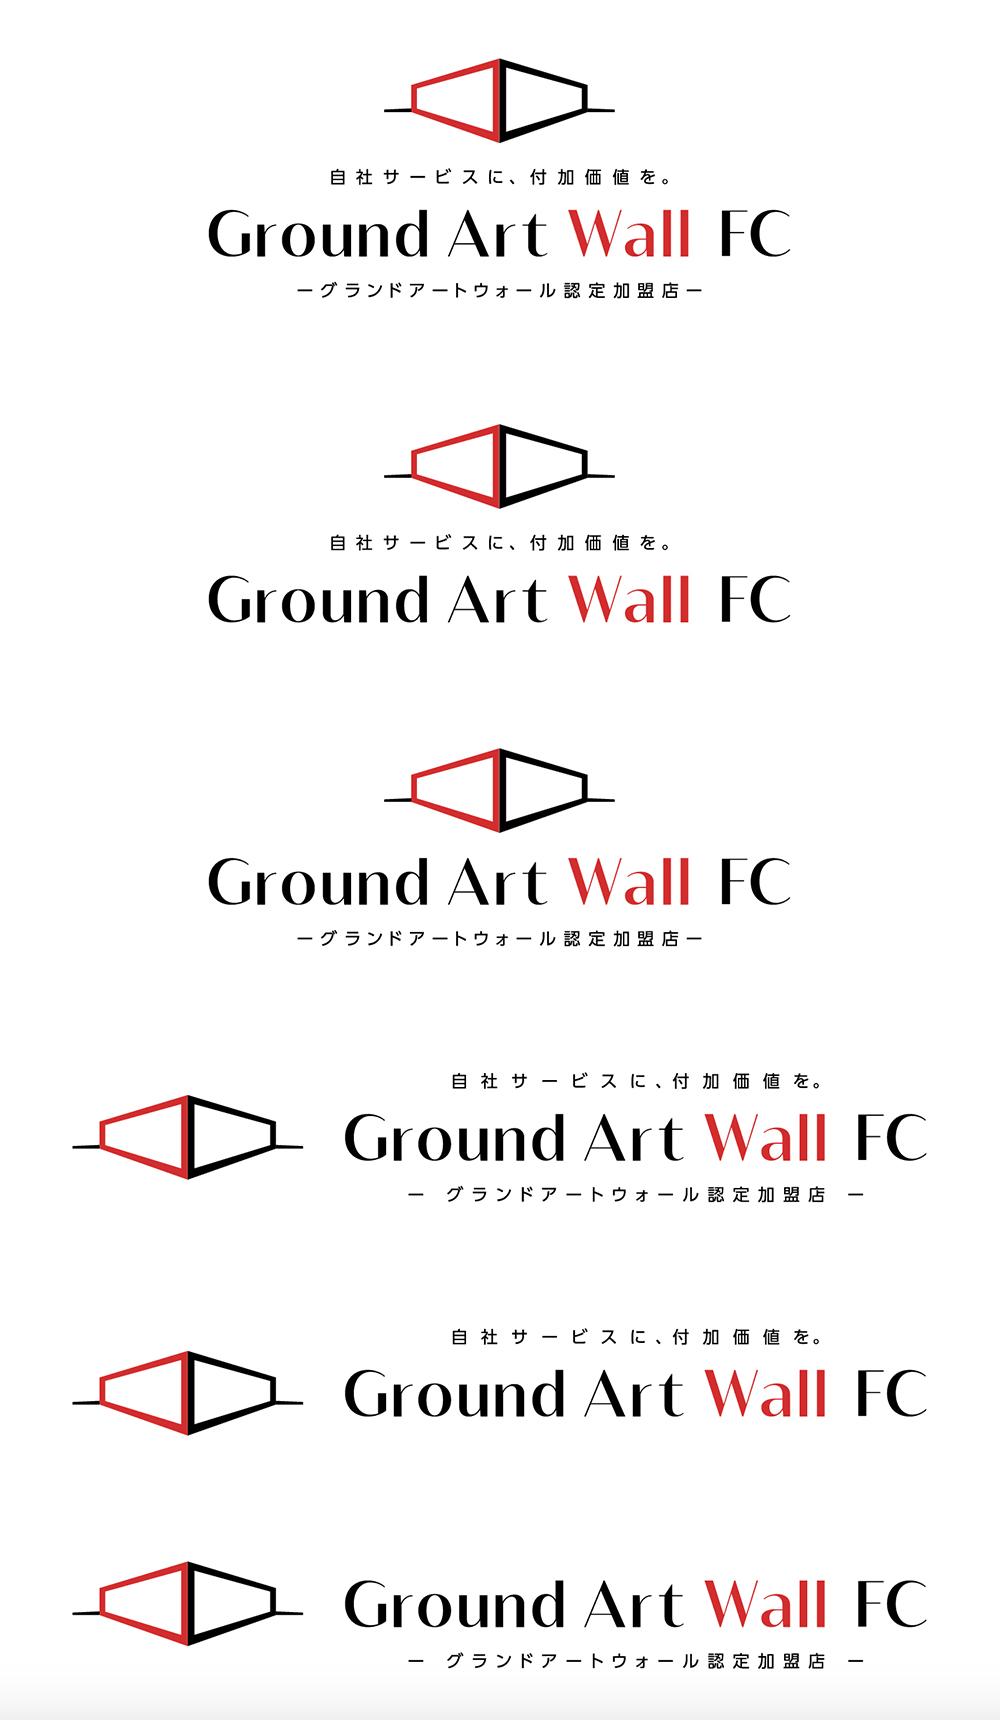 松岡工業株式会社様 グランドアートウォール事業 ロゴマーク・ロゴタイプ イメージ02